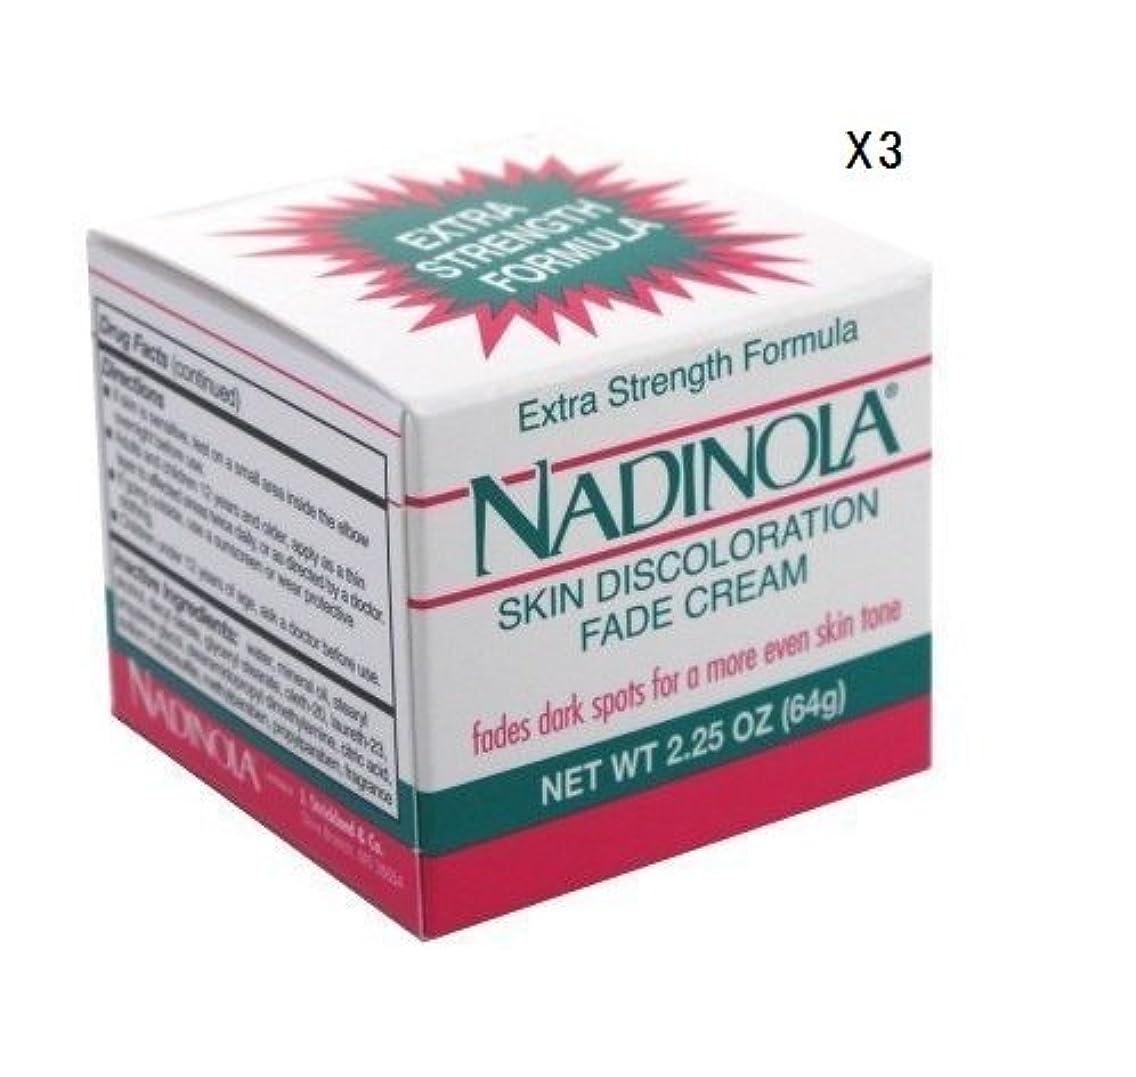 はさみ爆発物メタリック(海外直送品)強力美白クリーム (64g)ナディノラ Nadolina Skin Bleach - Extra Strength 2.25 Oz. (Pack of 3) by Nadinola